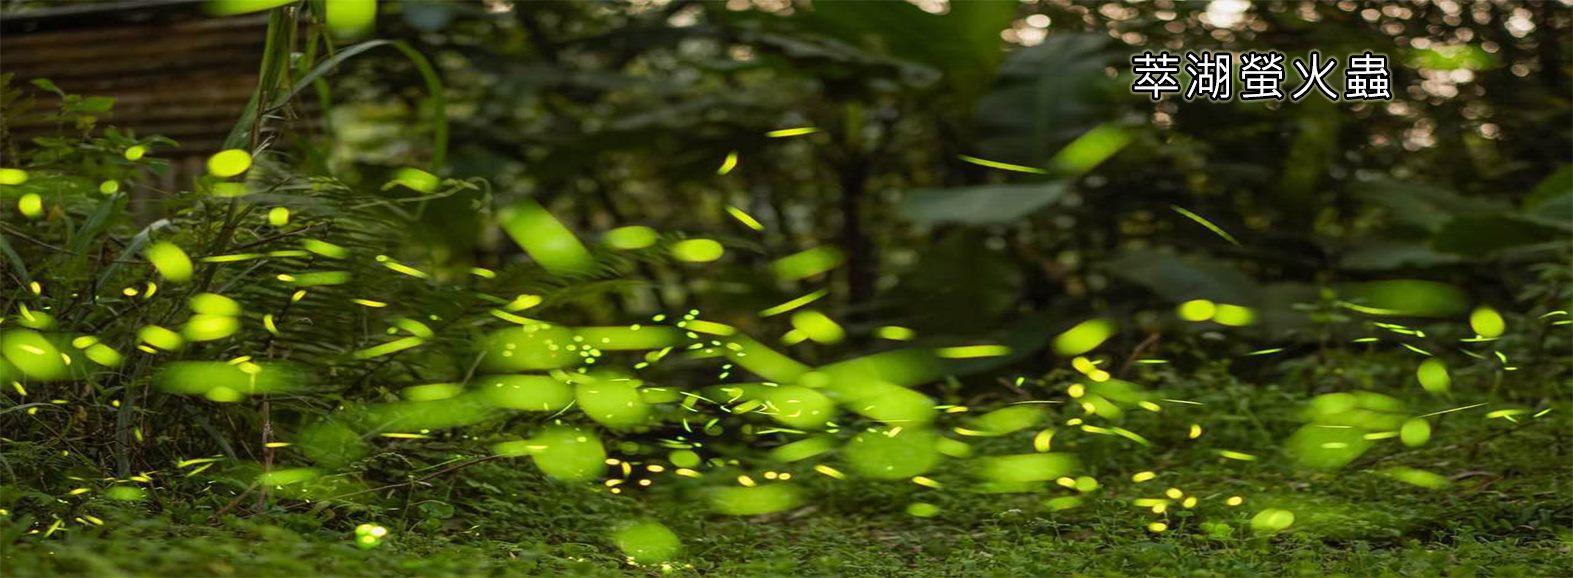 萃湖螢火蟲